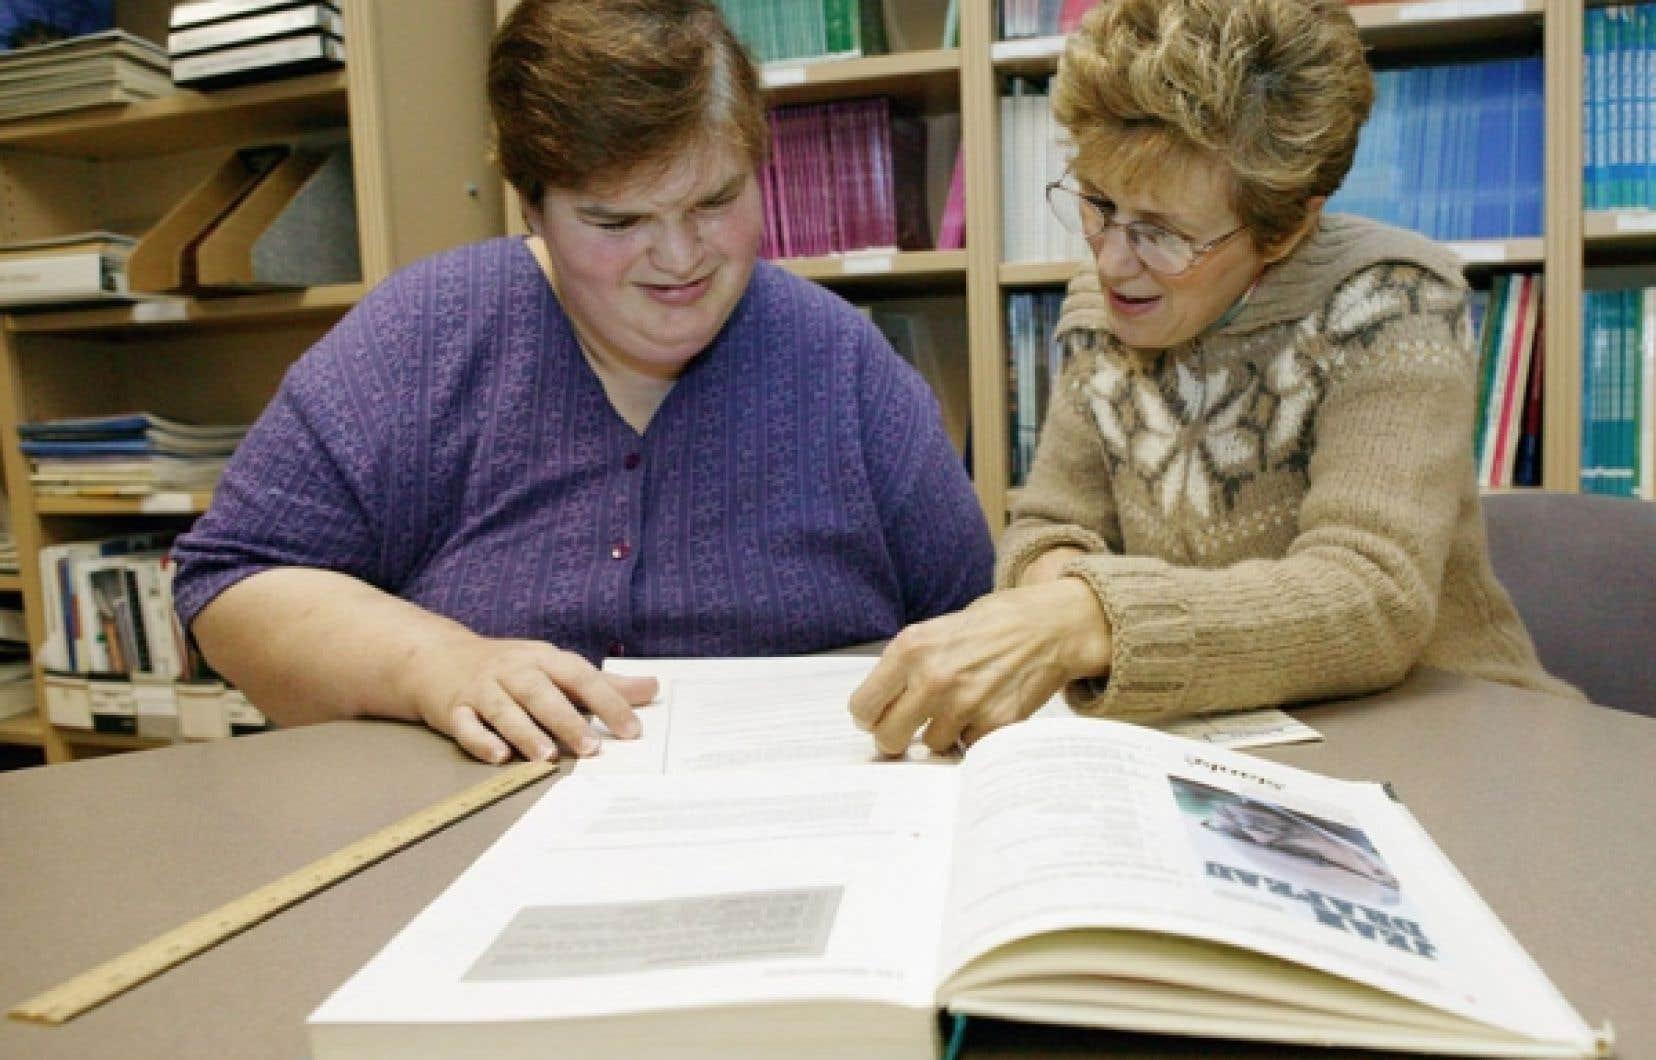 Au Québec, en 2012, 49 % des 16-65 ans souffrent de problèmes de lecture et d'écriture, tandis que 16 % de la population est complètement analphabète.